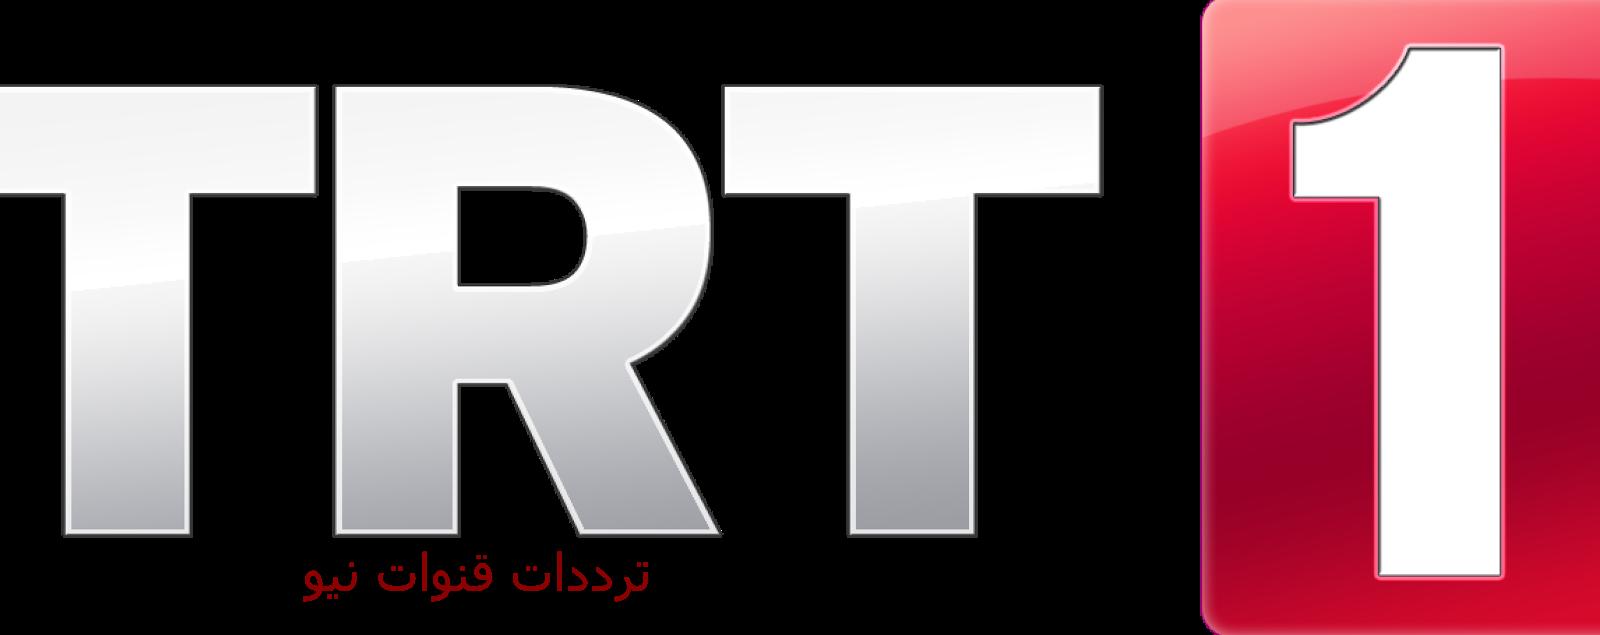 تردد قناة تى ار تى Trt التركية الجديد 2018 على جميع الاقمار